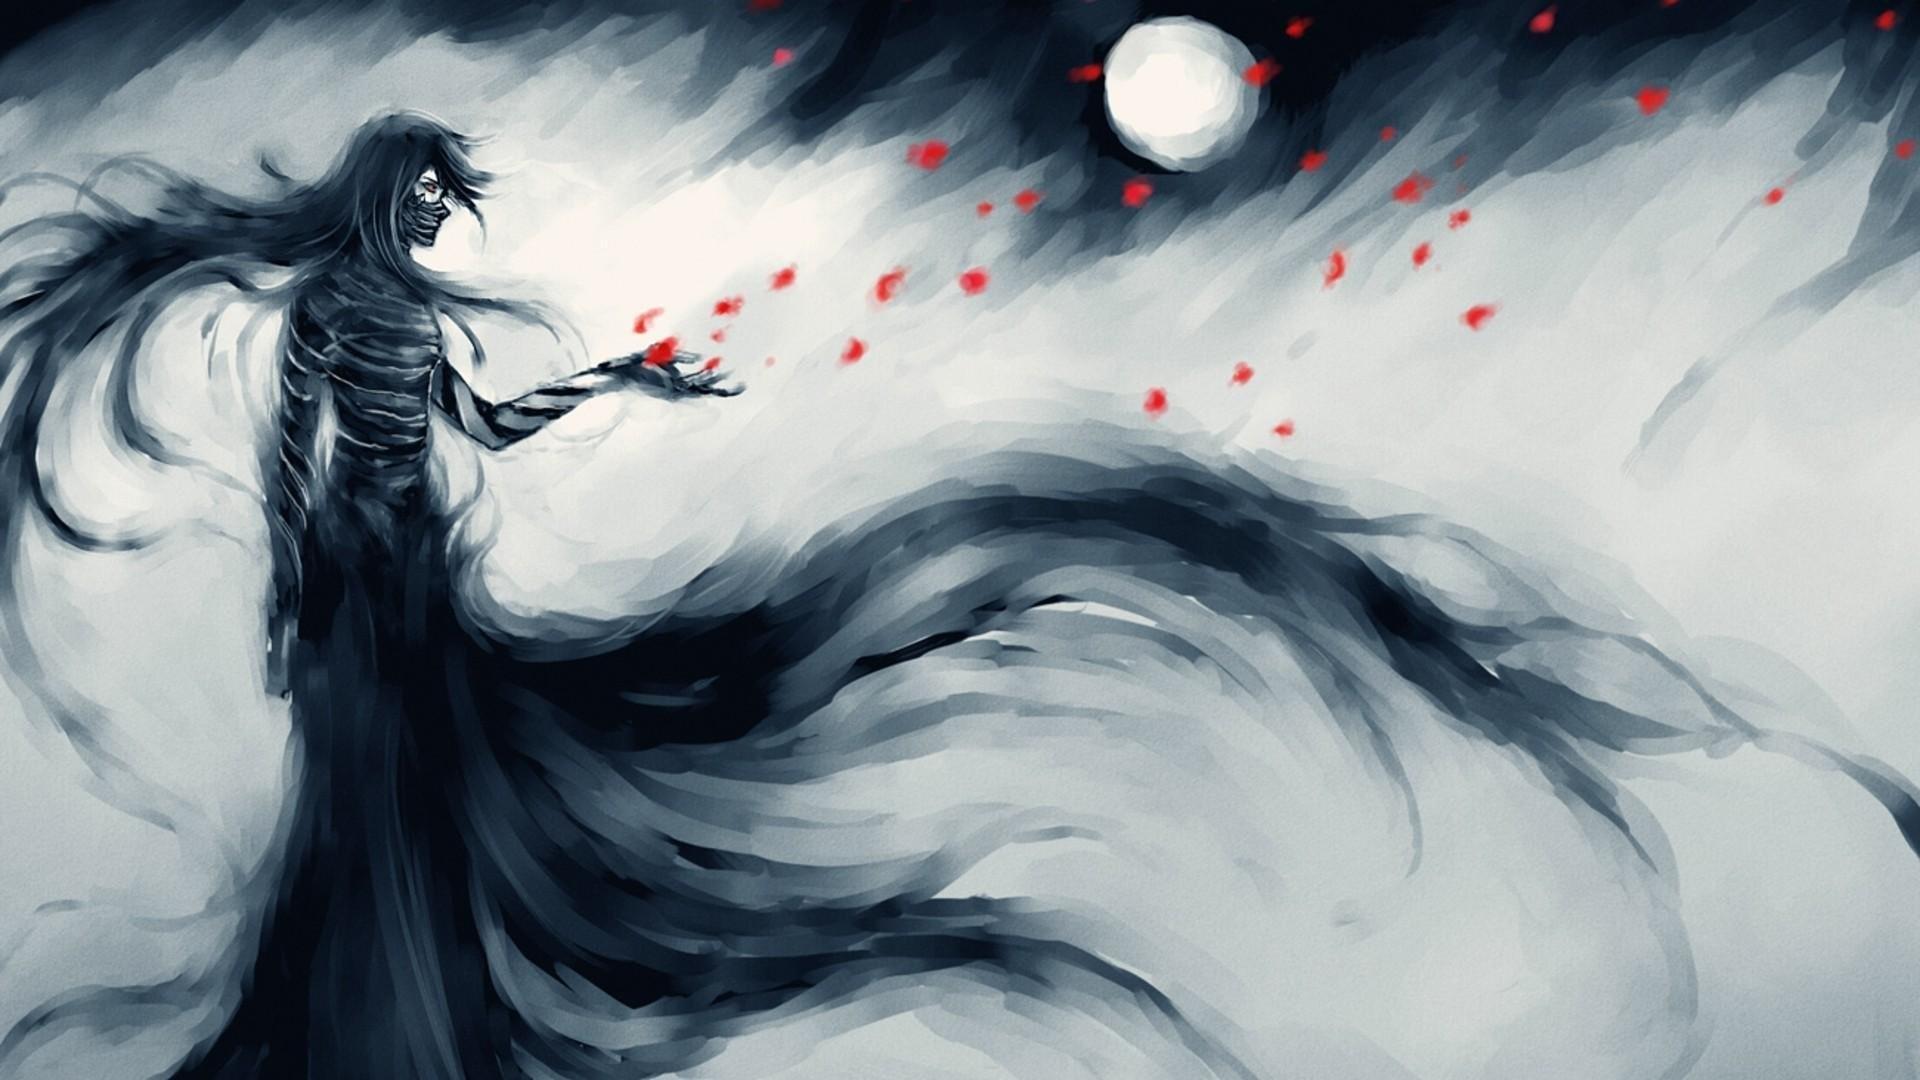 Epic Fantasy Wallpaper Dark Picture